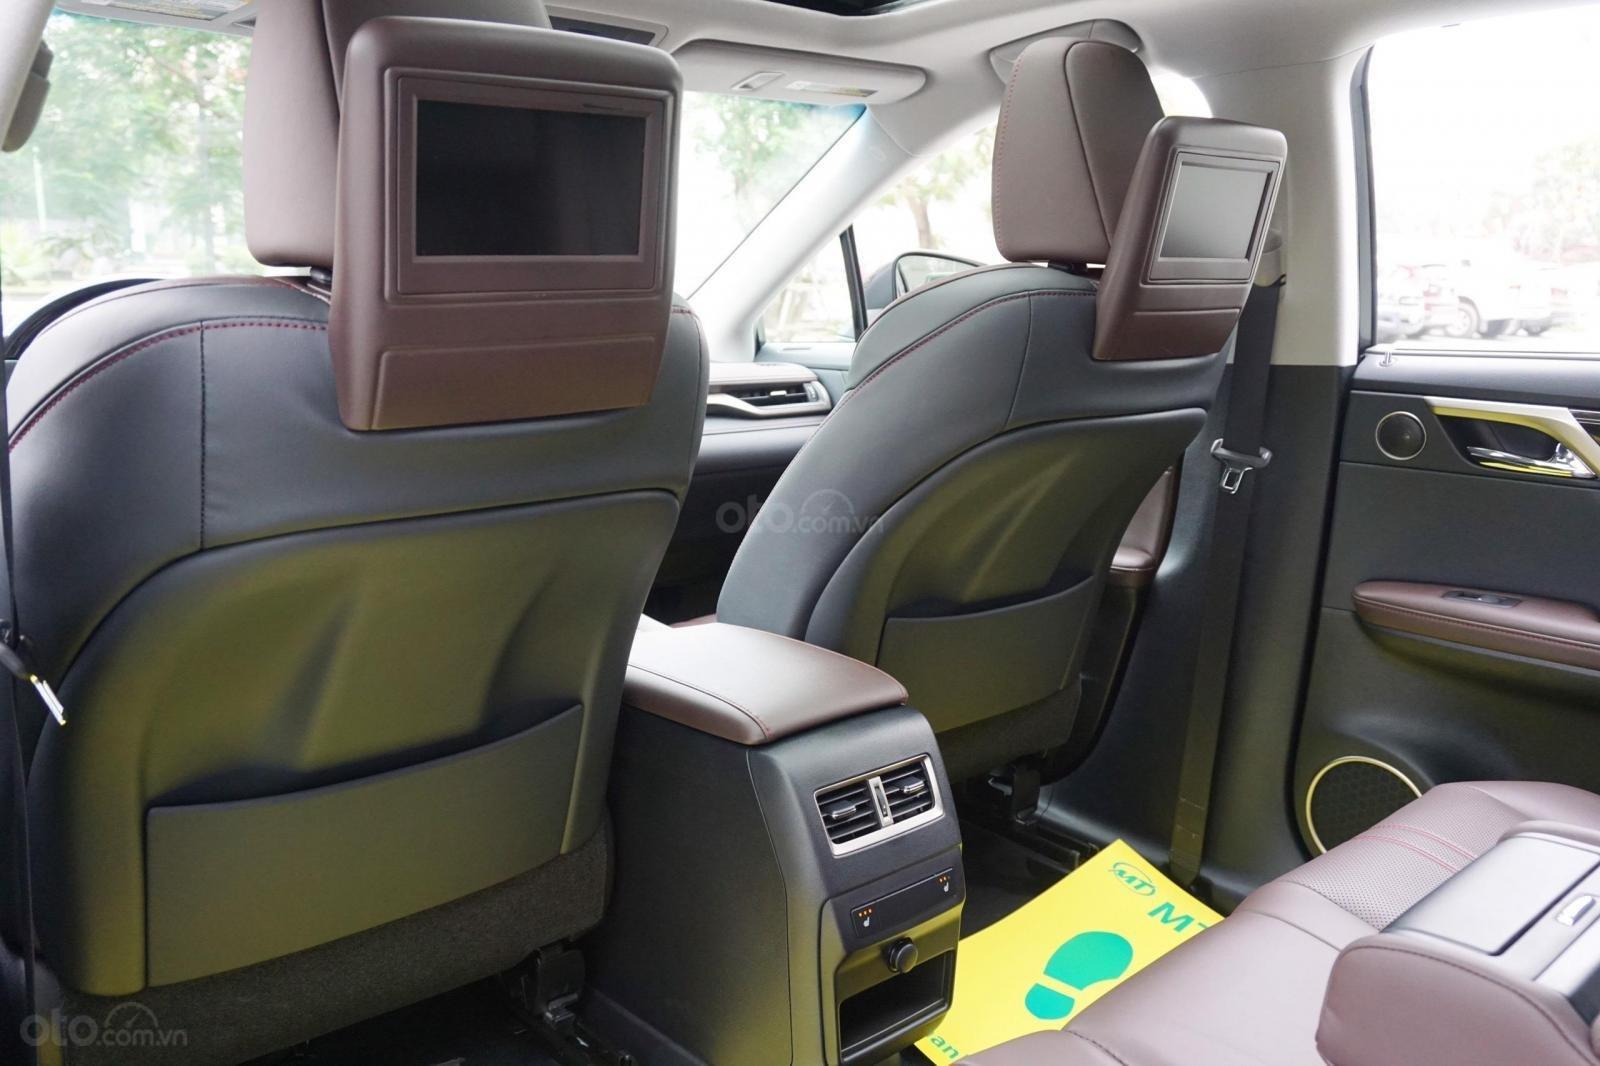 Bán ô tô Lexus RX 350 SX 2019, xe nhập Mỹ full kịch options, giá tốt, giao ngay toàn quốc, LH 093.996.2368 Ms Ngọc Vy (21)